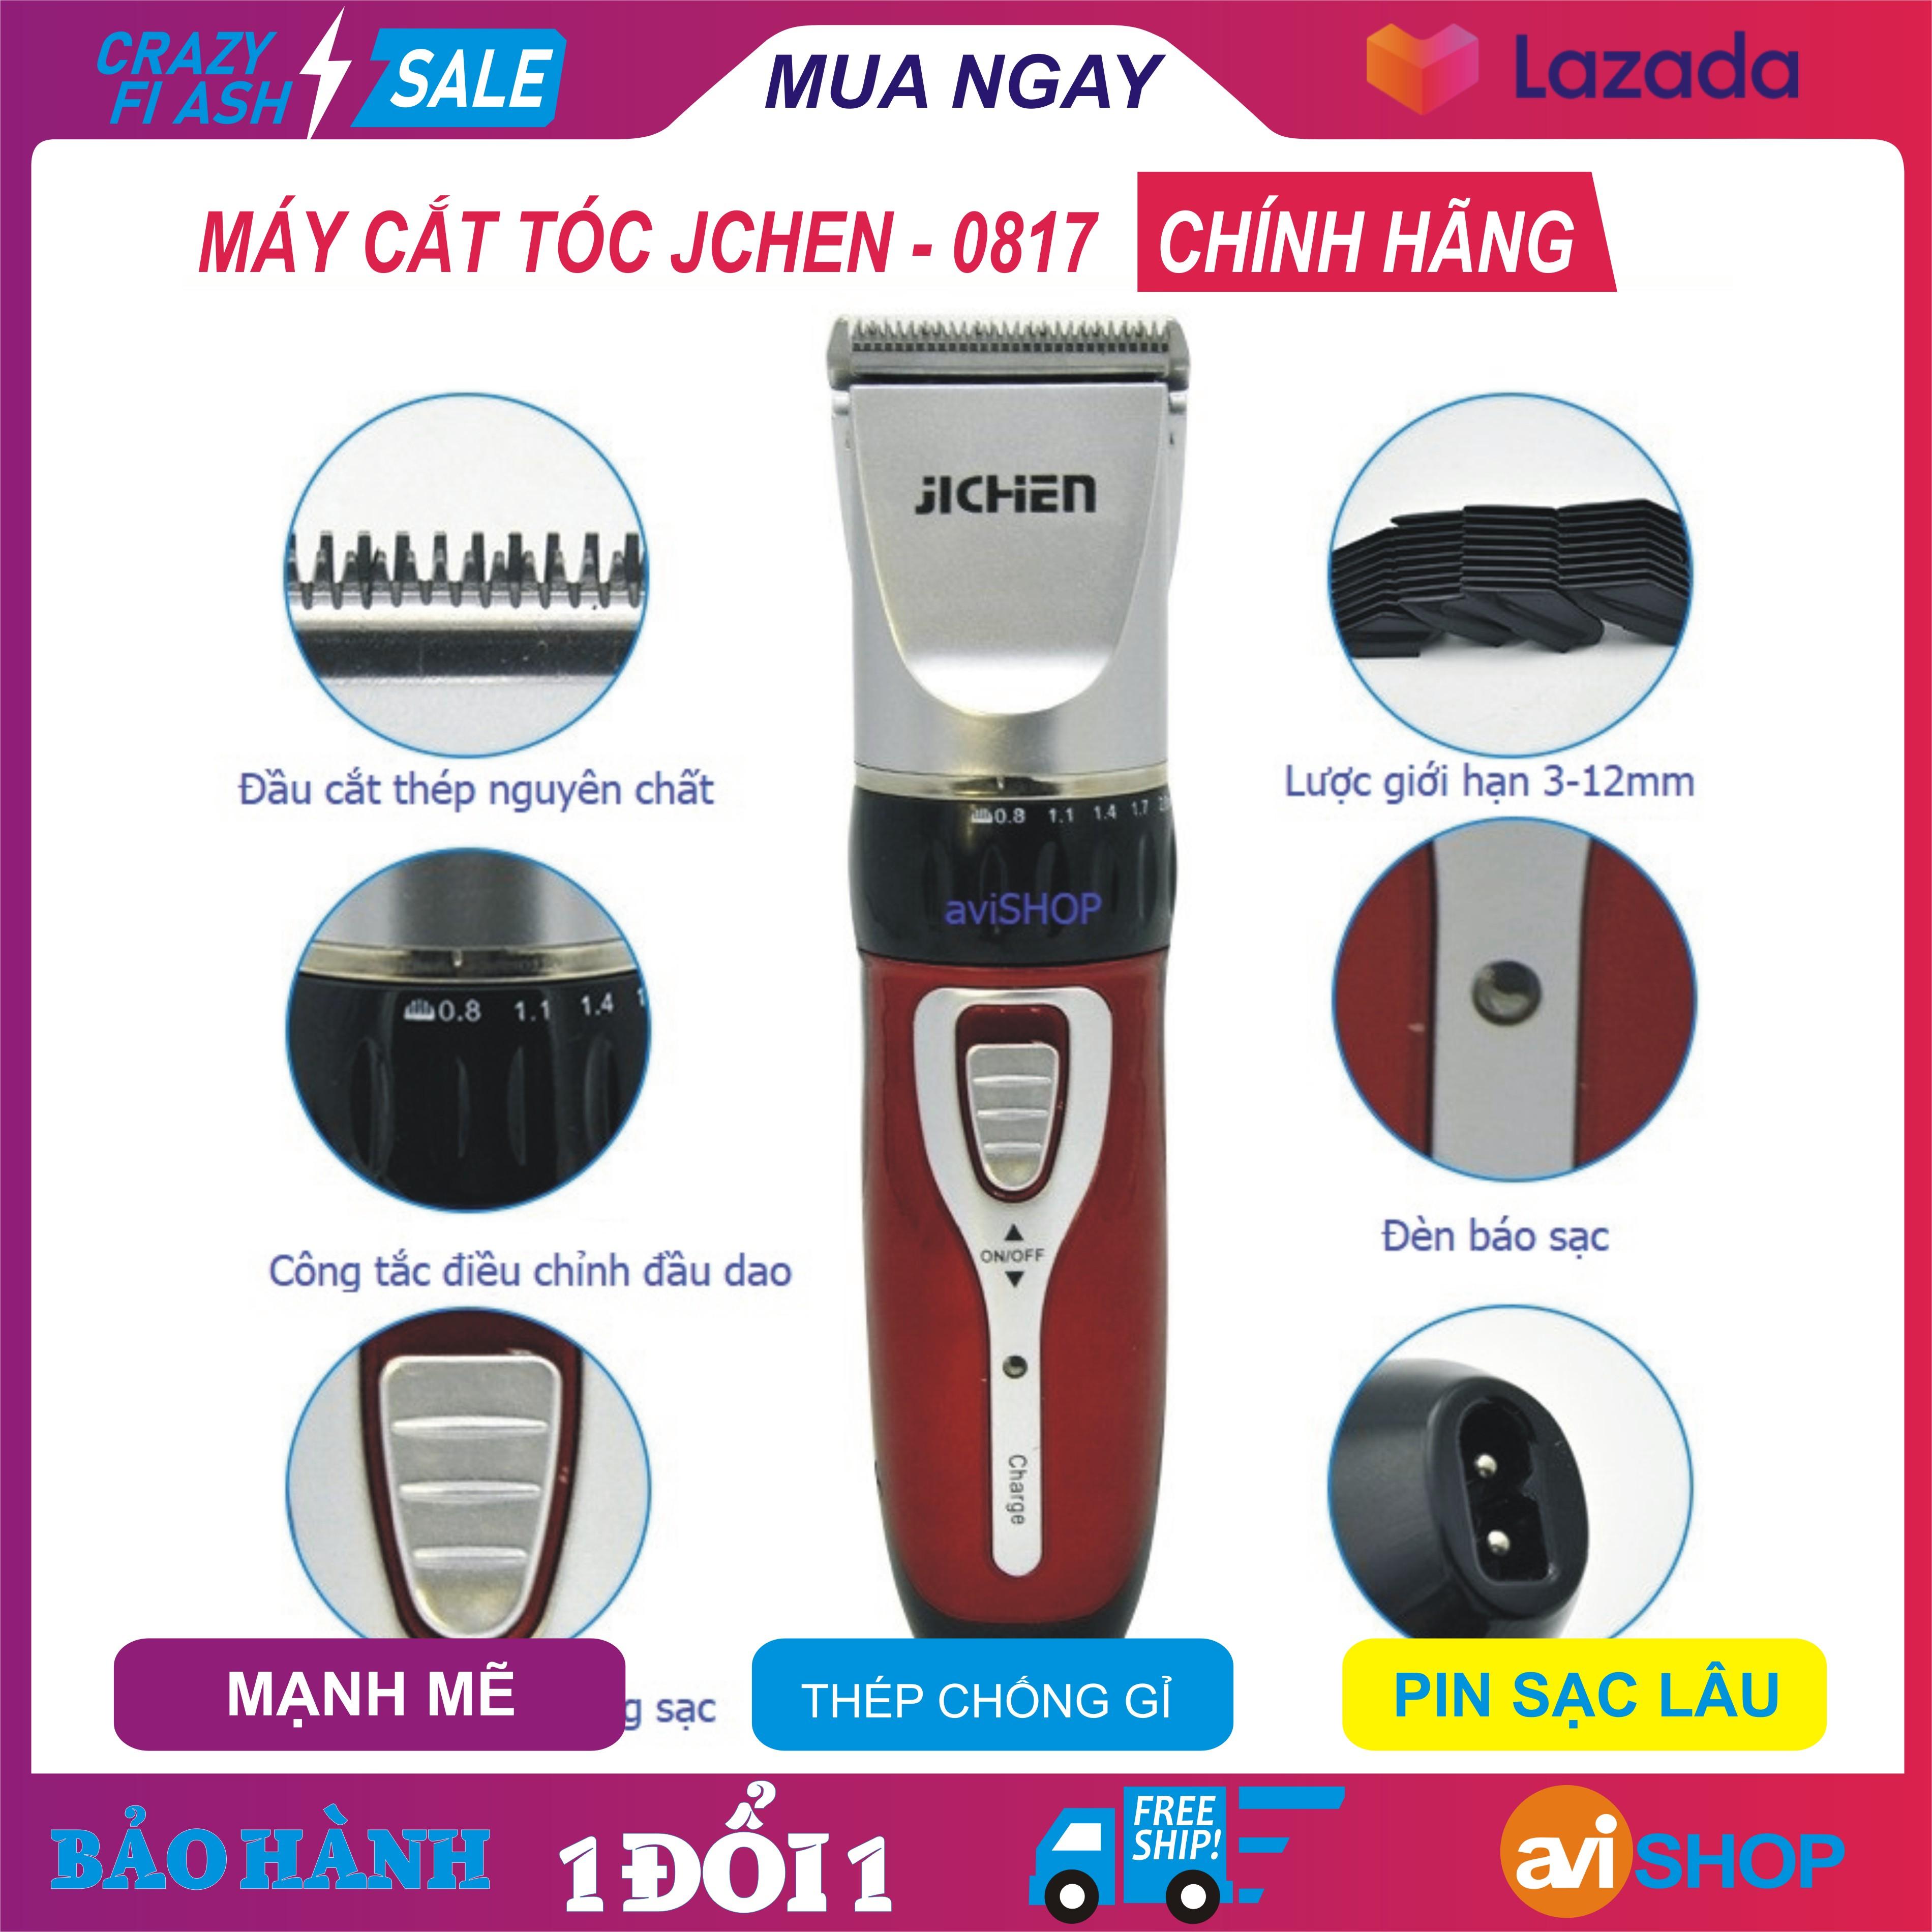 Máy cắt tóc Jichen – JC0817 (2 màu xanh , đỏ ), Tông đơ cắt  tóc trẻ em, Hàng chất thép không gỉ, pin sạc lâu, đầu cắt chuẩn, Giá SHOCk - aviSHOP cao cấp